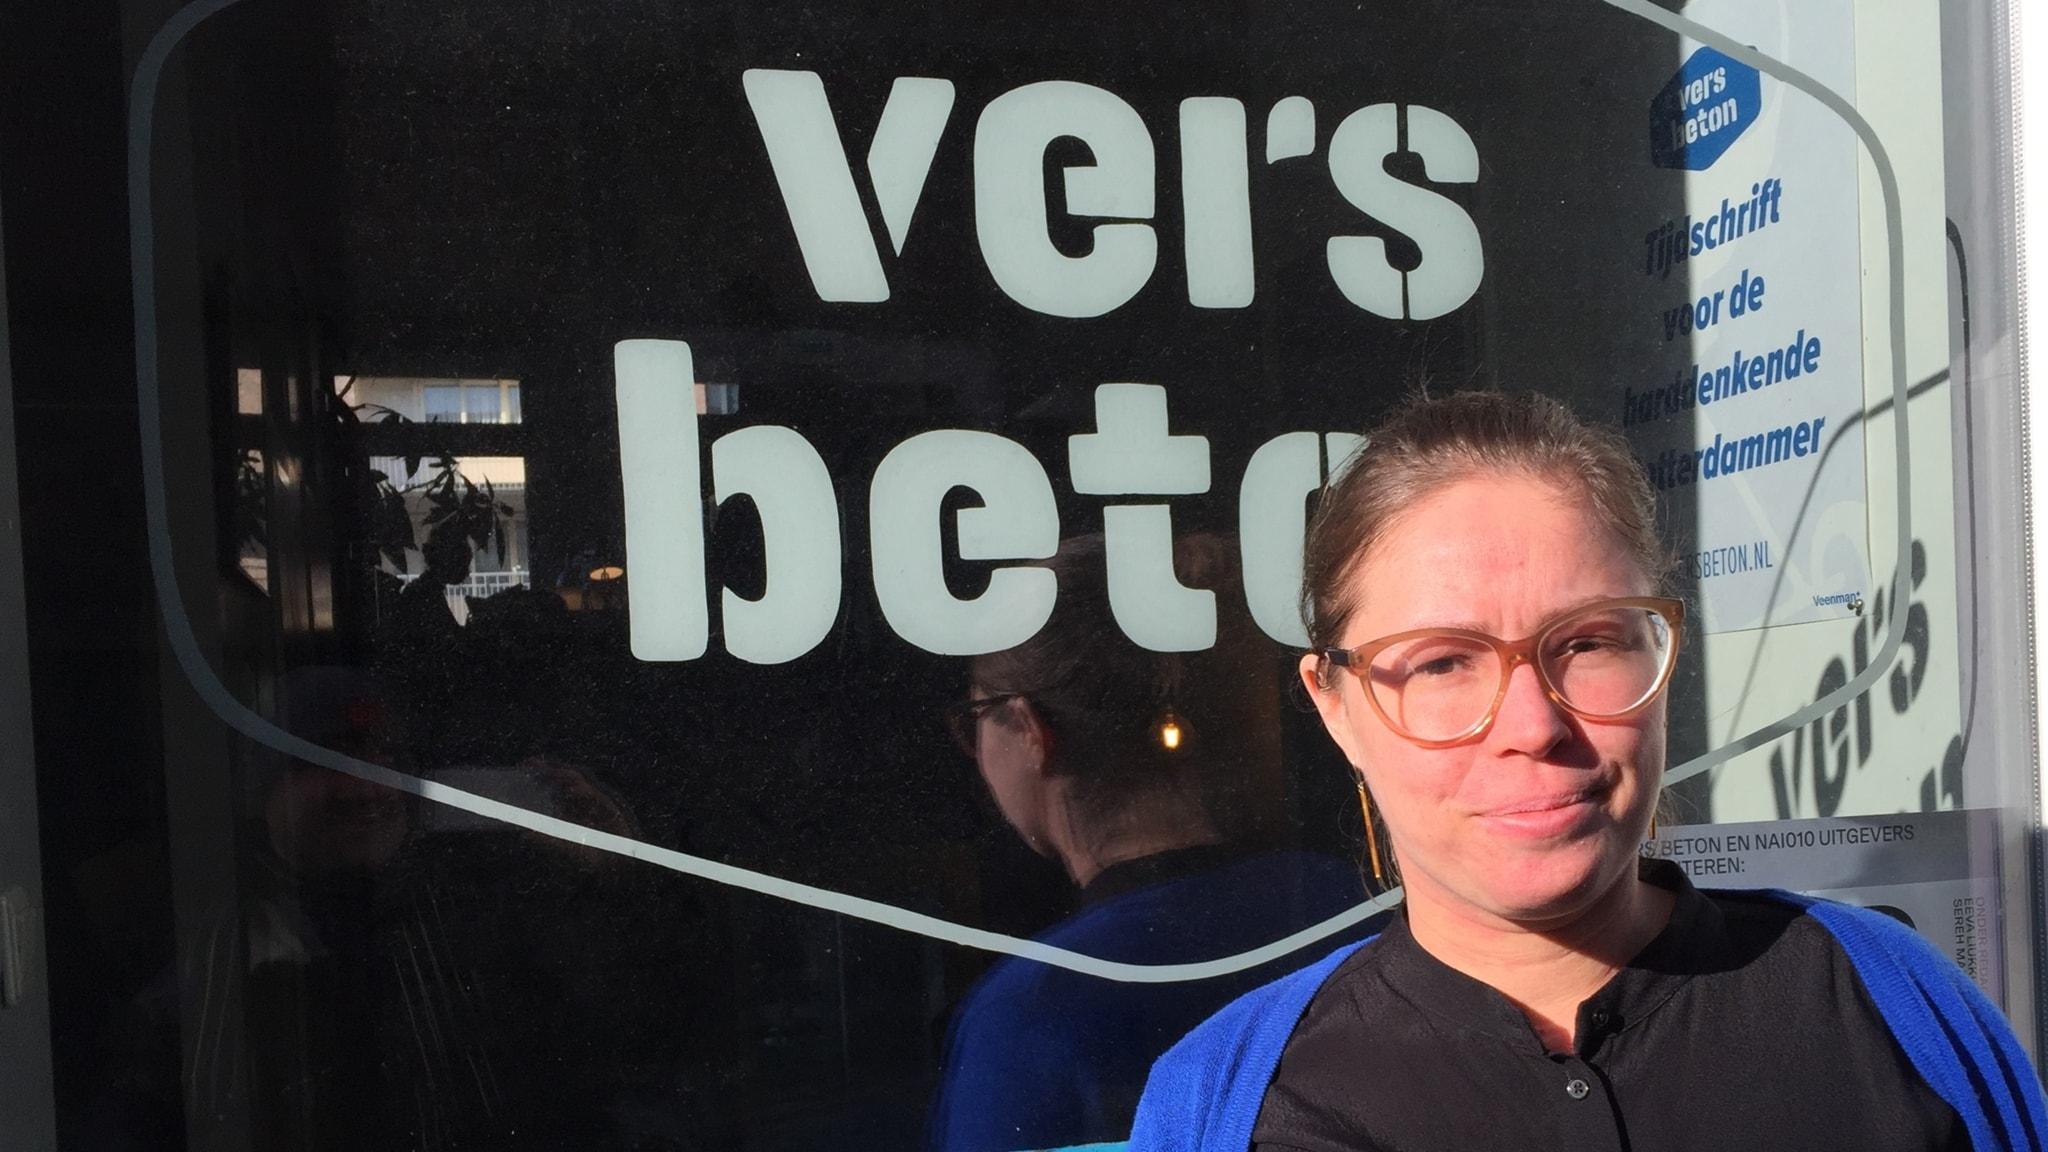 Eeva Liukku, chefredaktör på nättidningen Vers Beton i Rotterdam. Foto: Fredrik Wadström